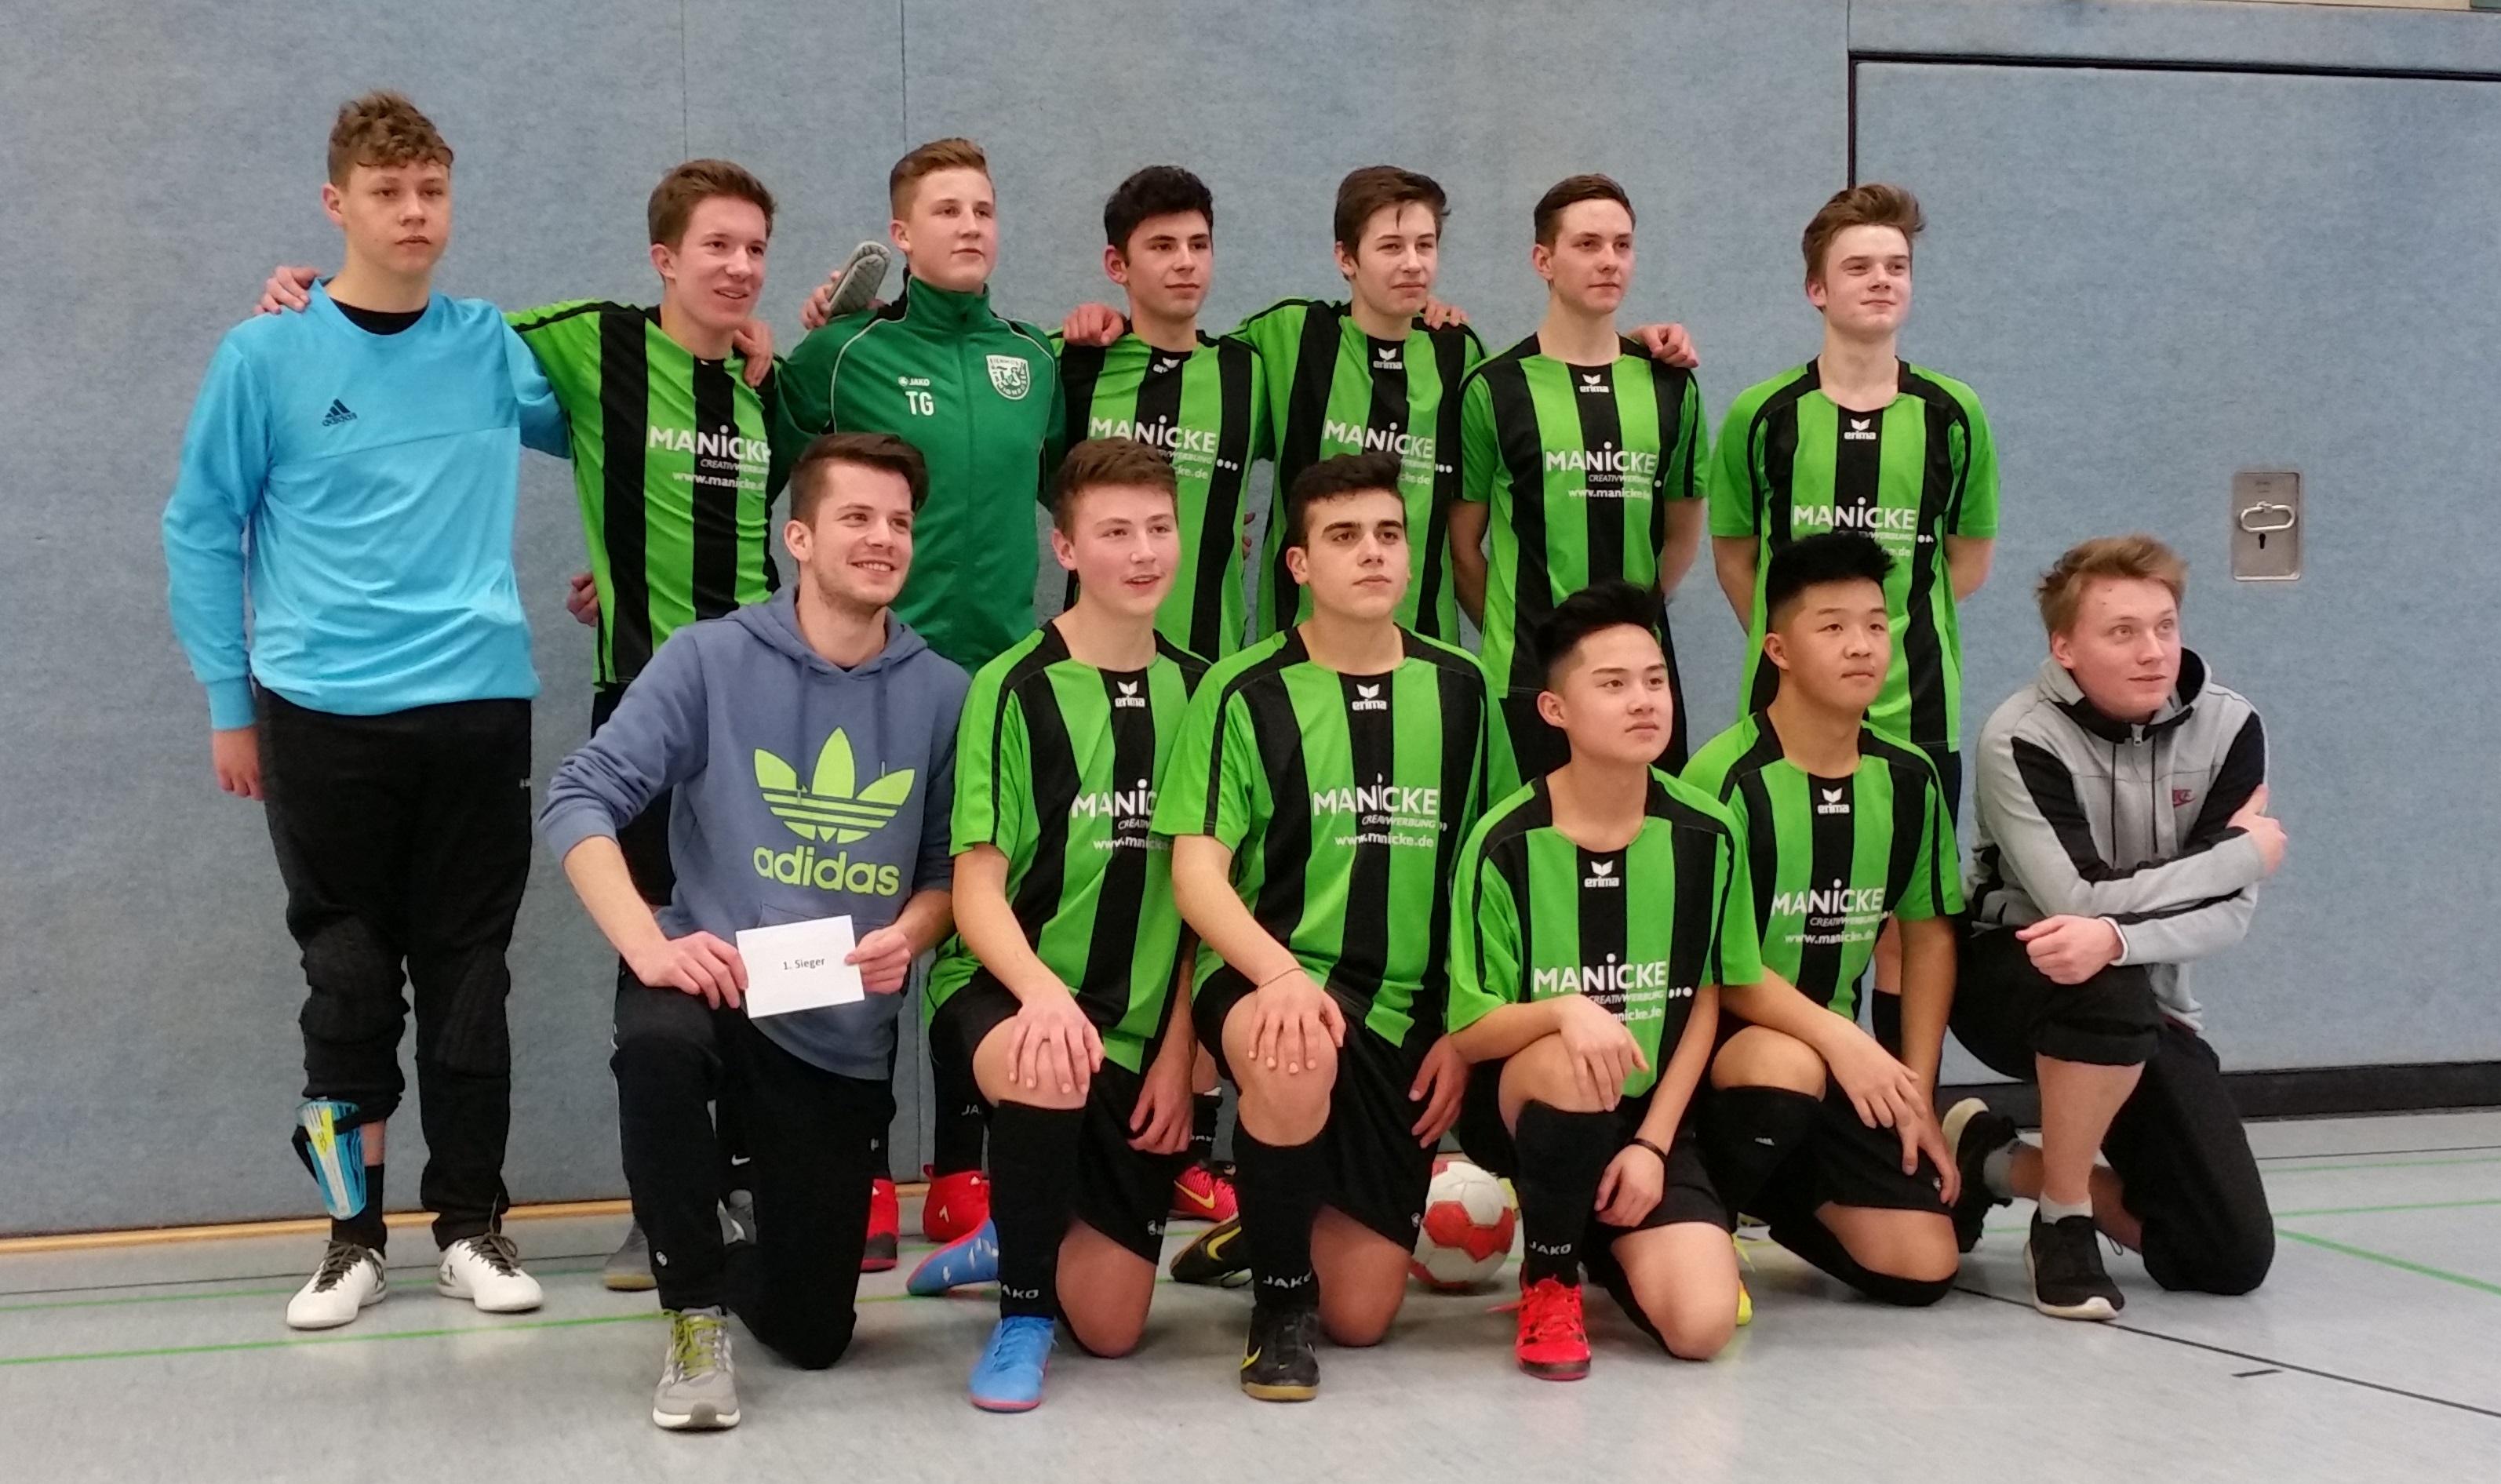 Eichholz-Remmighausen gewinnt B-Junioren-Turnier